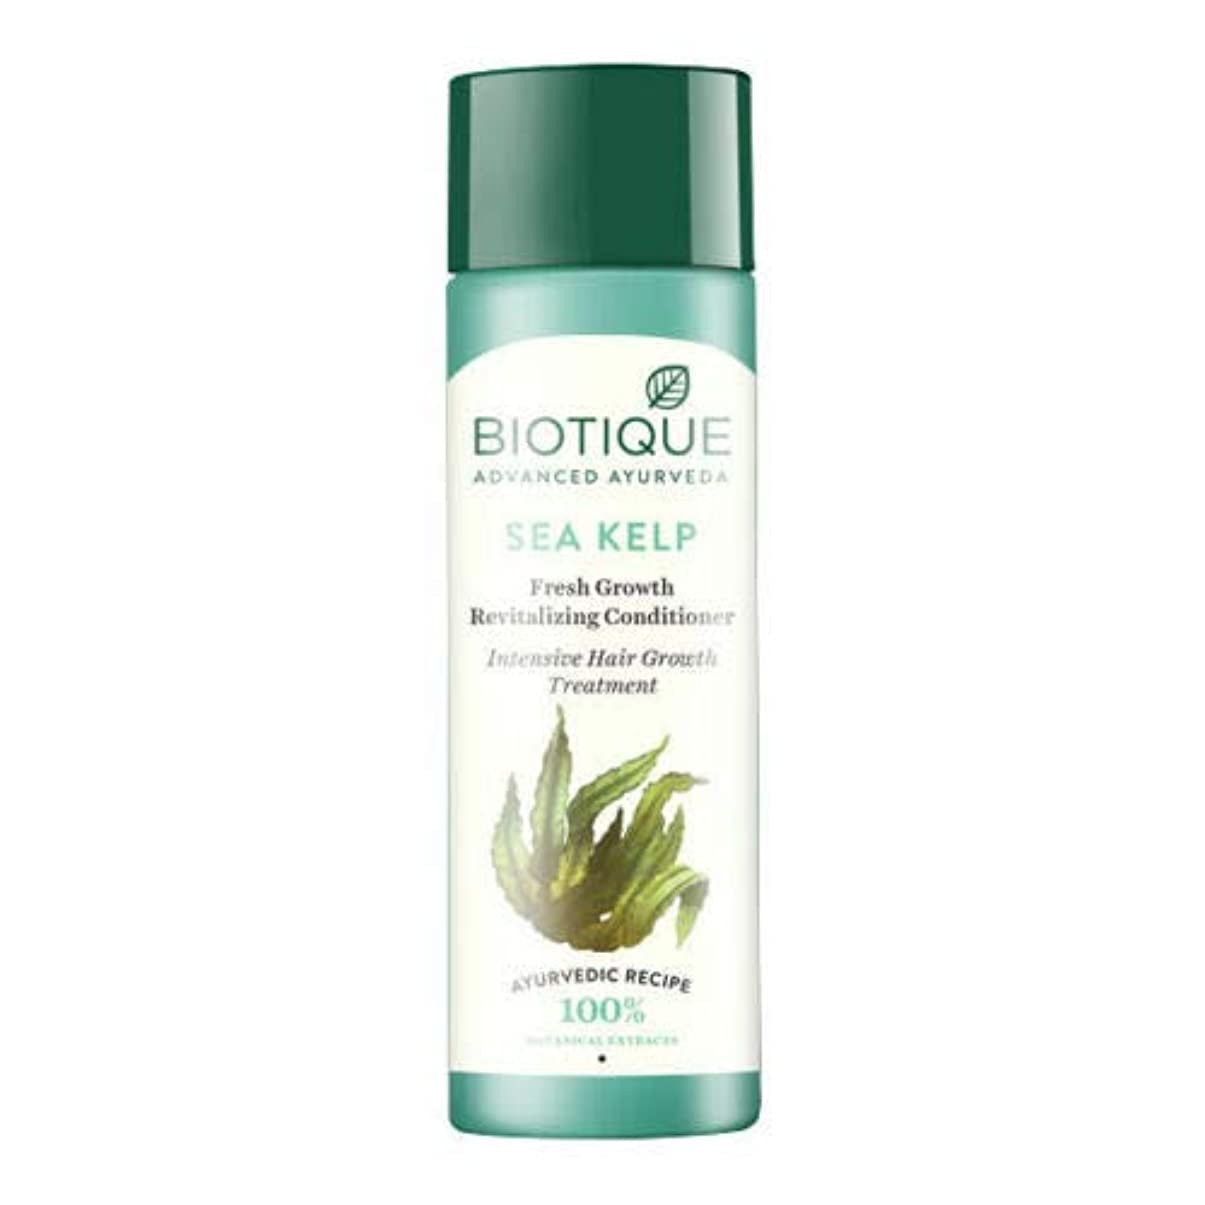 マルクス主義謝る服を洗うBiotique Bio Sea Kelp Fresh Growth Revitalizing Conditioner (120 ml) hair Growth Biotiqueバイオシーケルプフレッシュグロースリジュライジングコンディショナー育毛